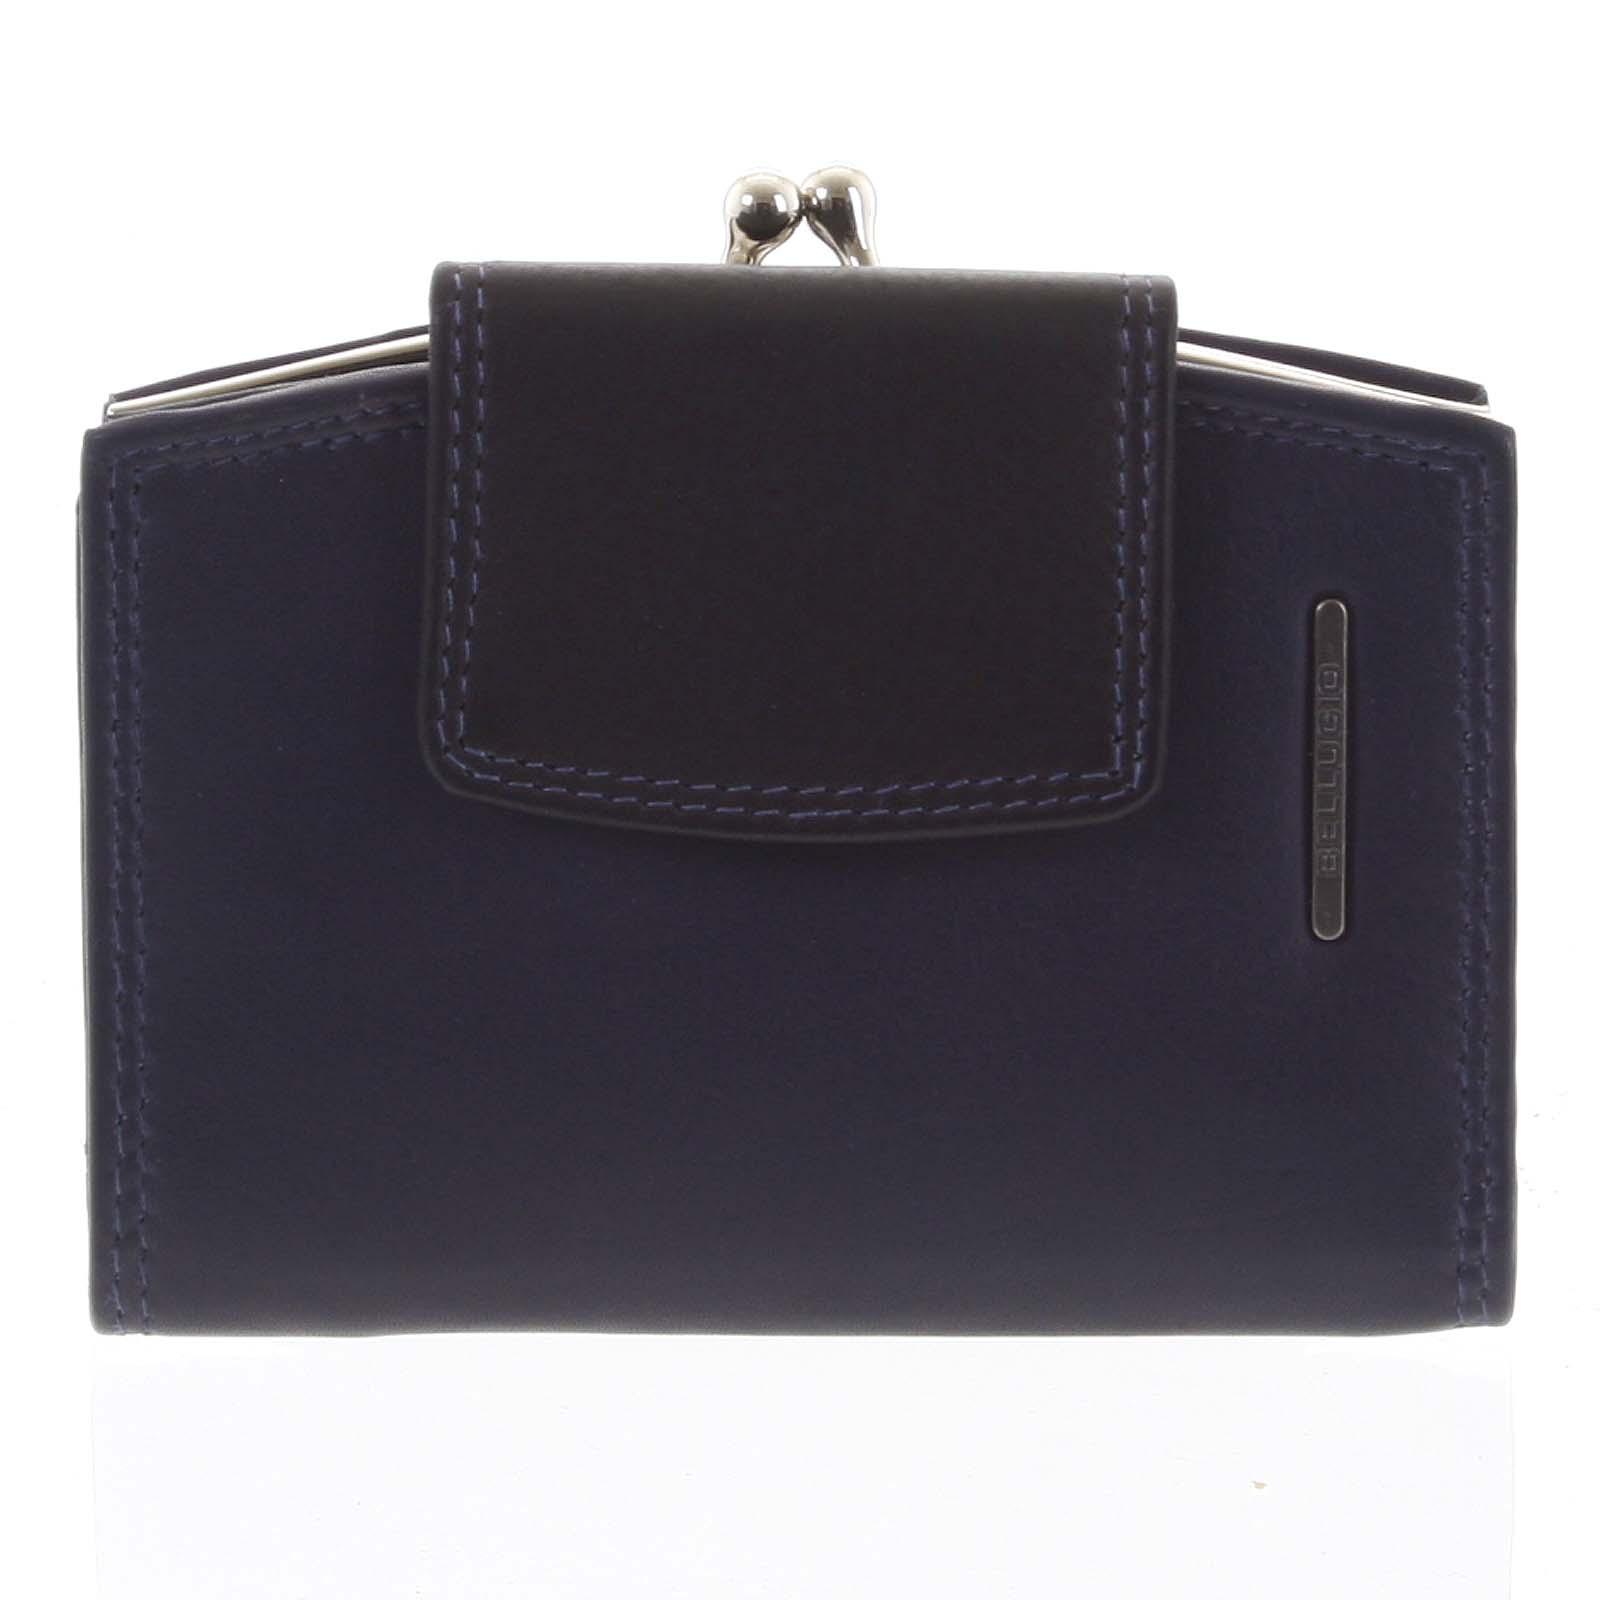 Luxusná dámska kožená peňaženka modročierna - Bellugio Armi